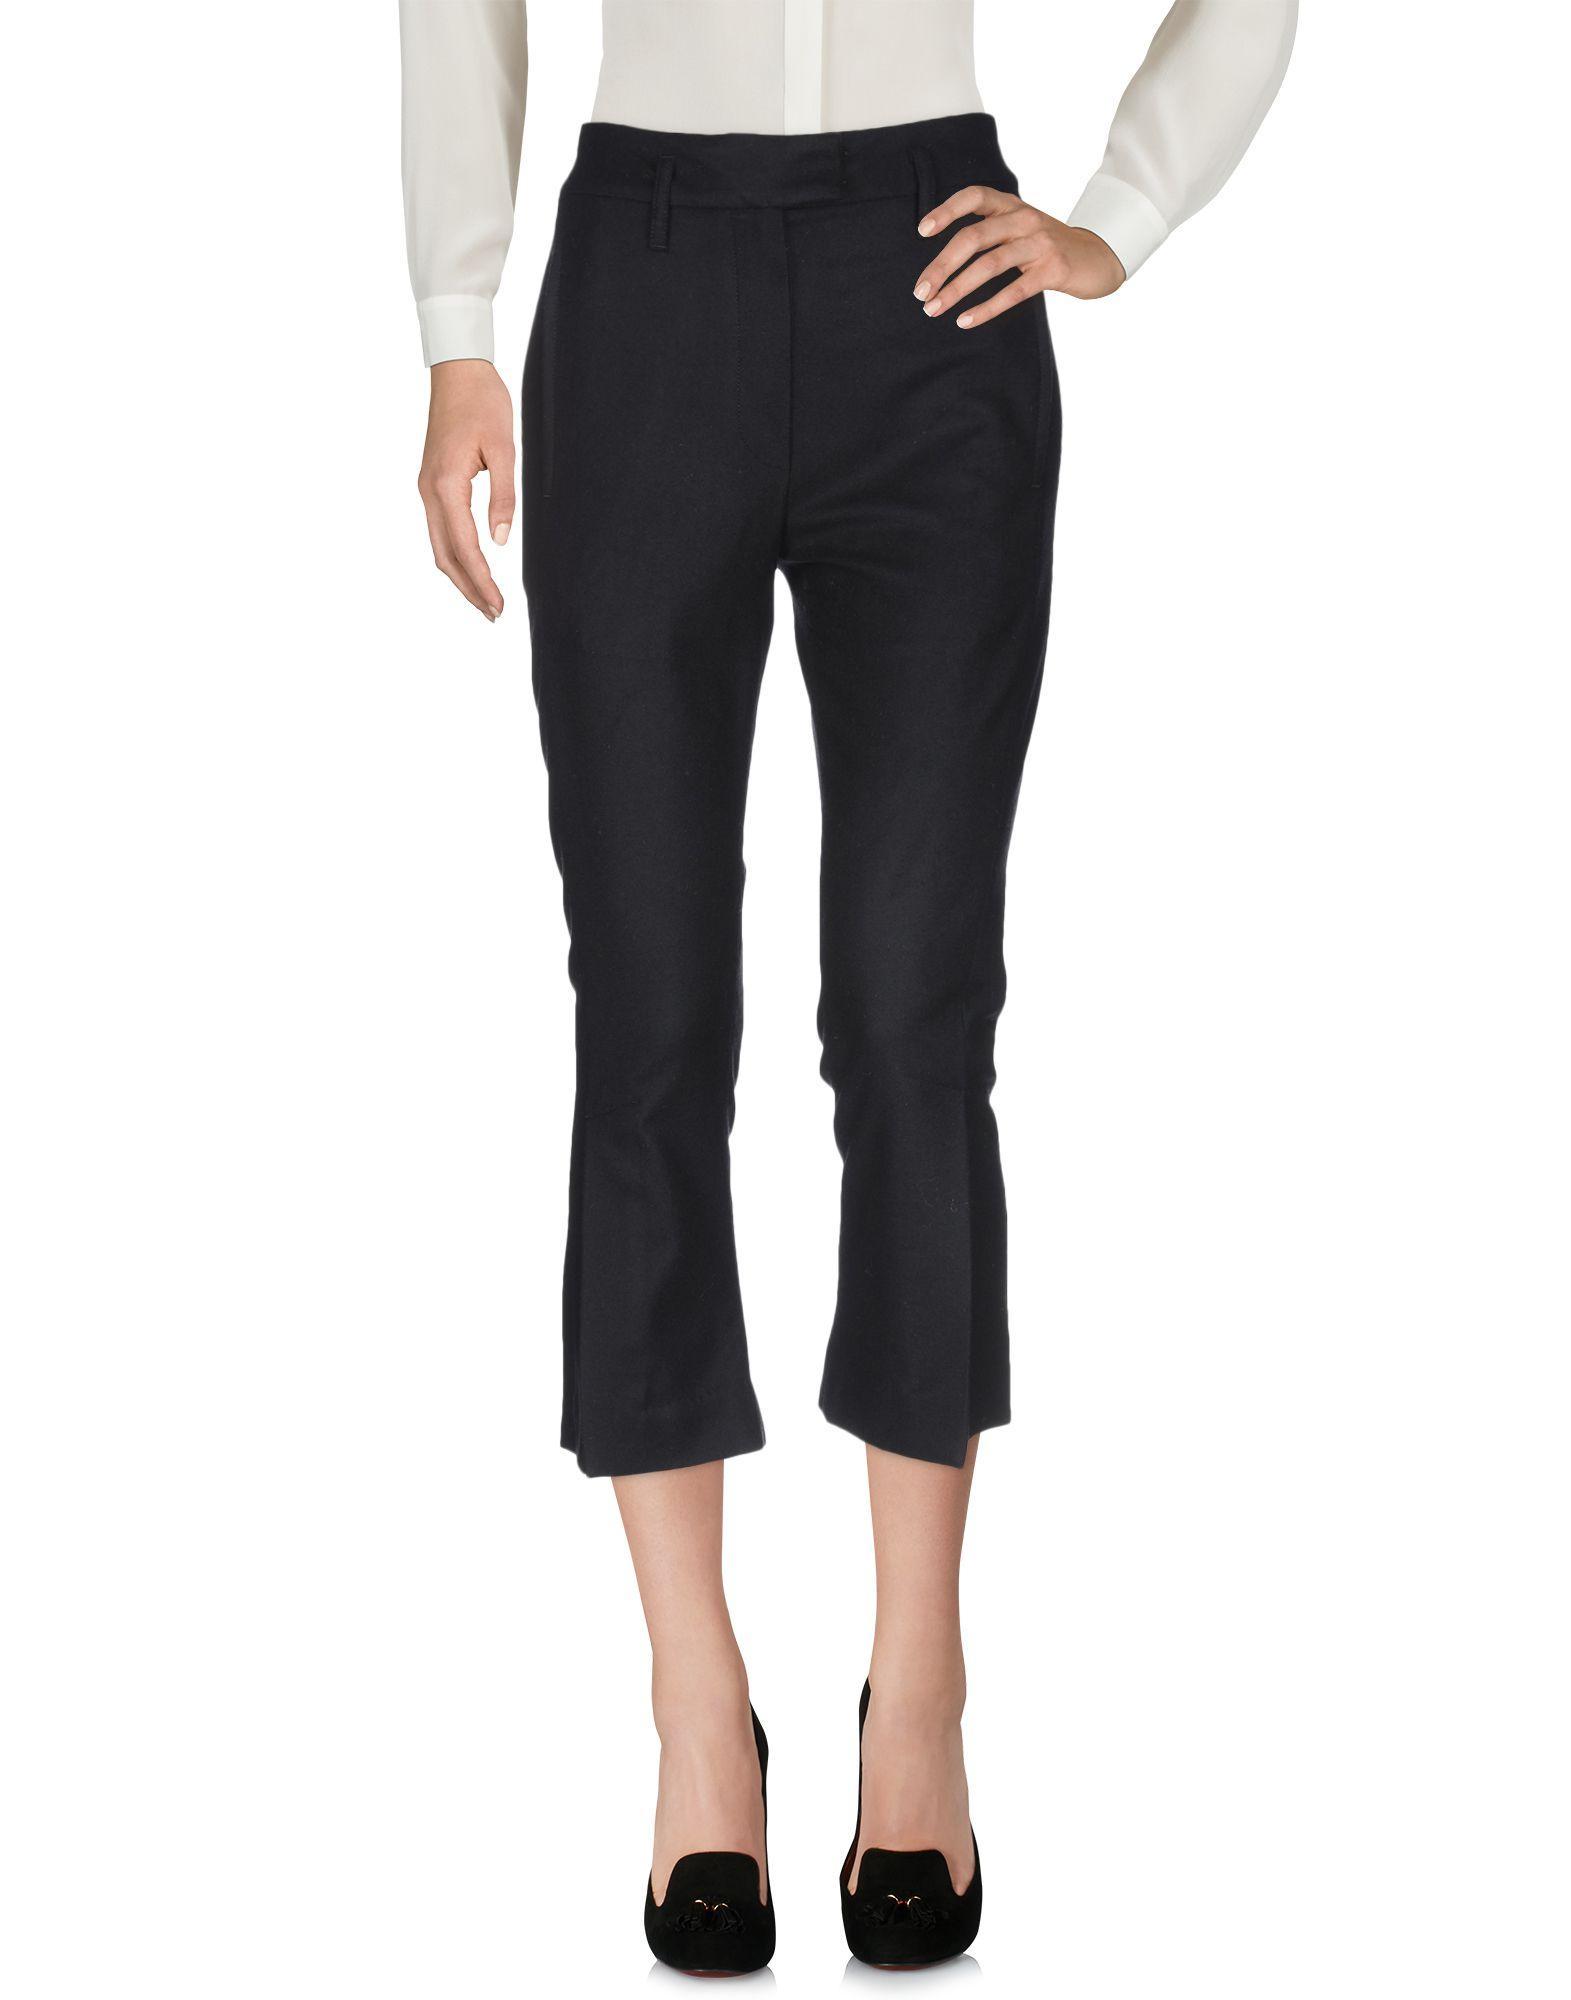 Pantalones Ann Demeulemeester de Franela de color Negro